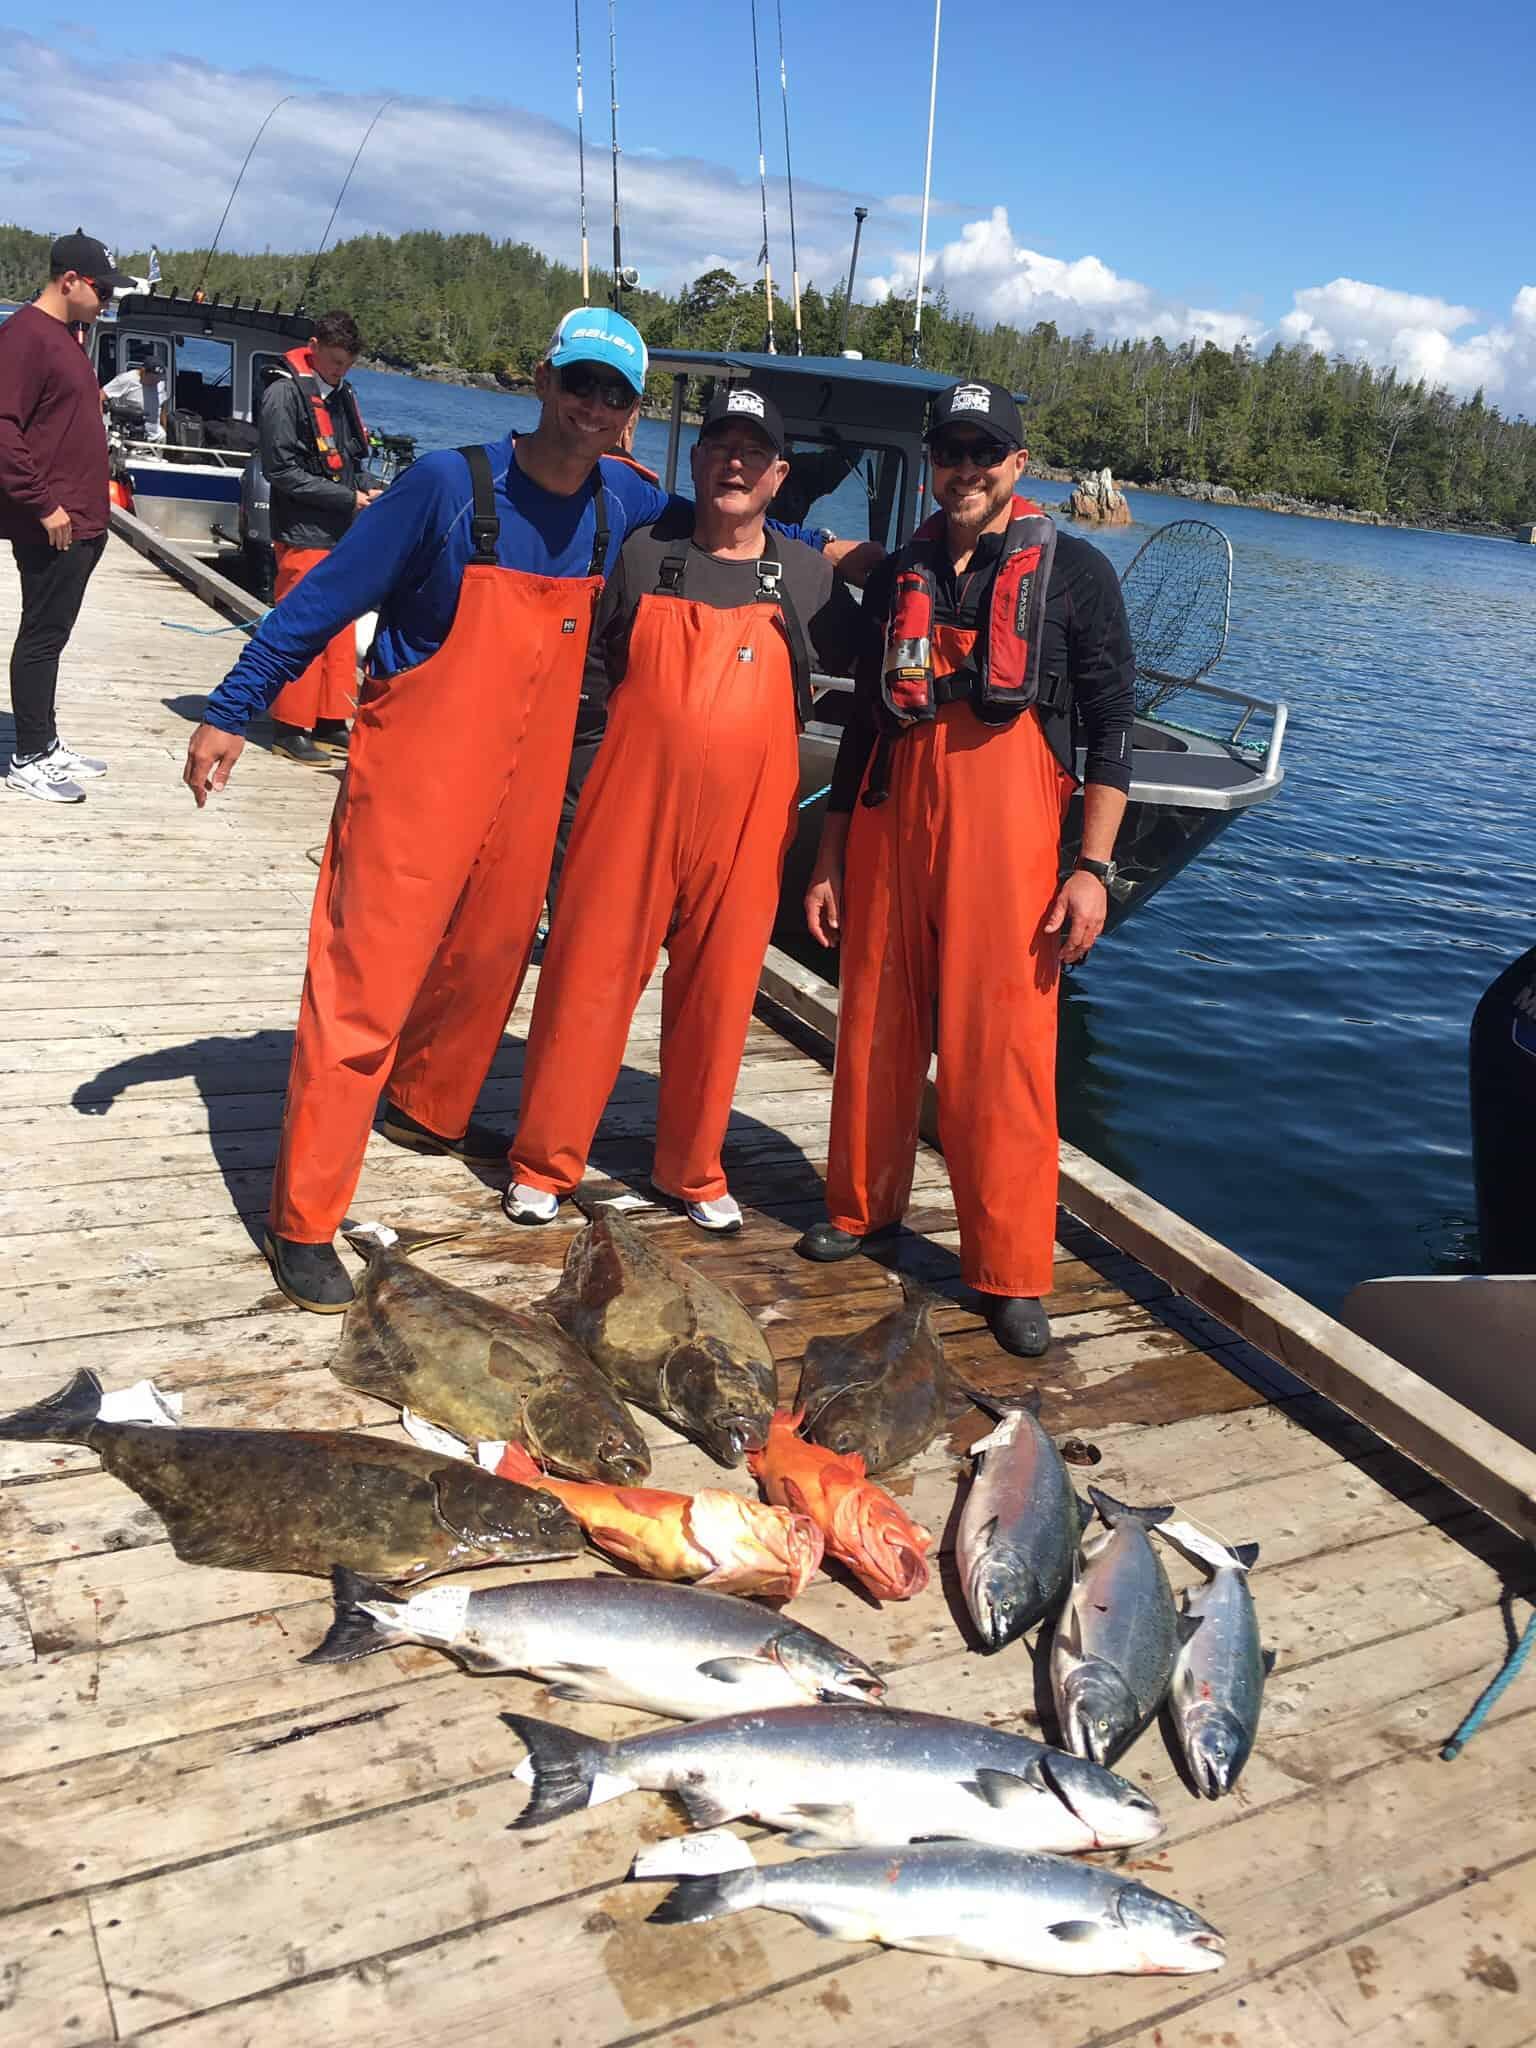 KPLgreatfishing